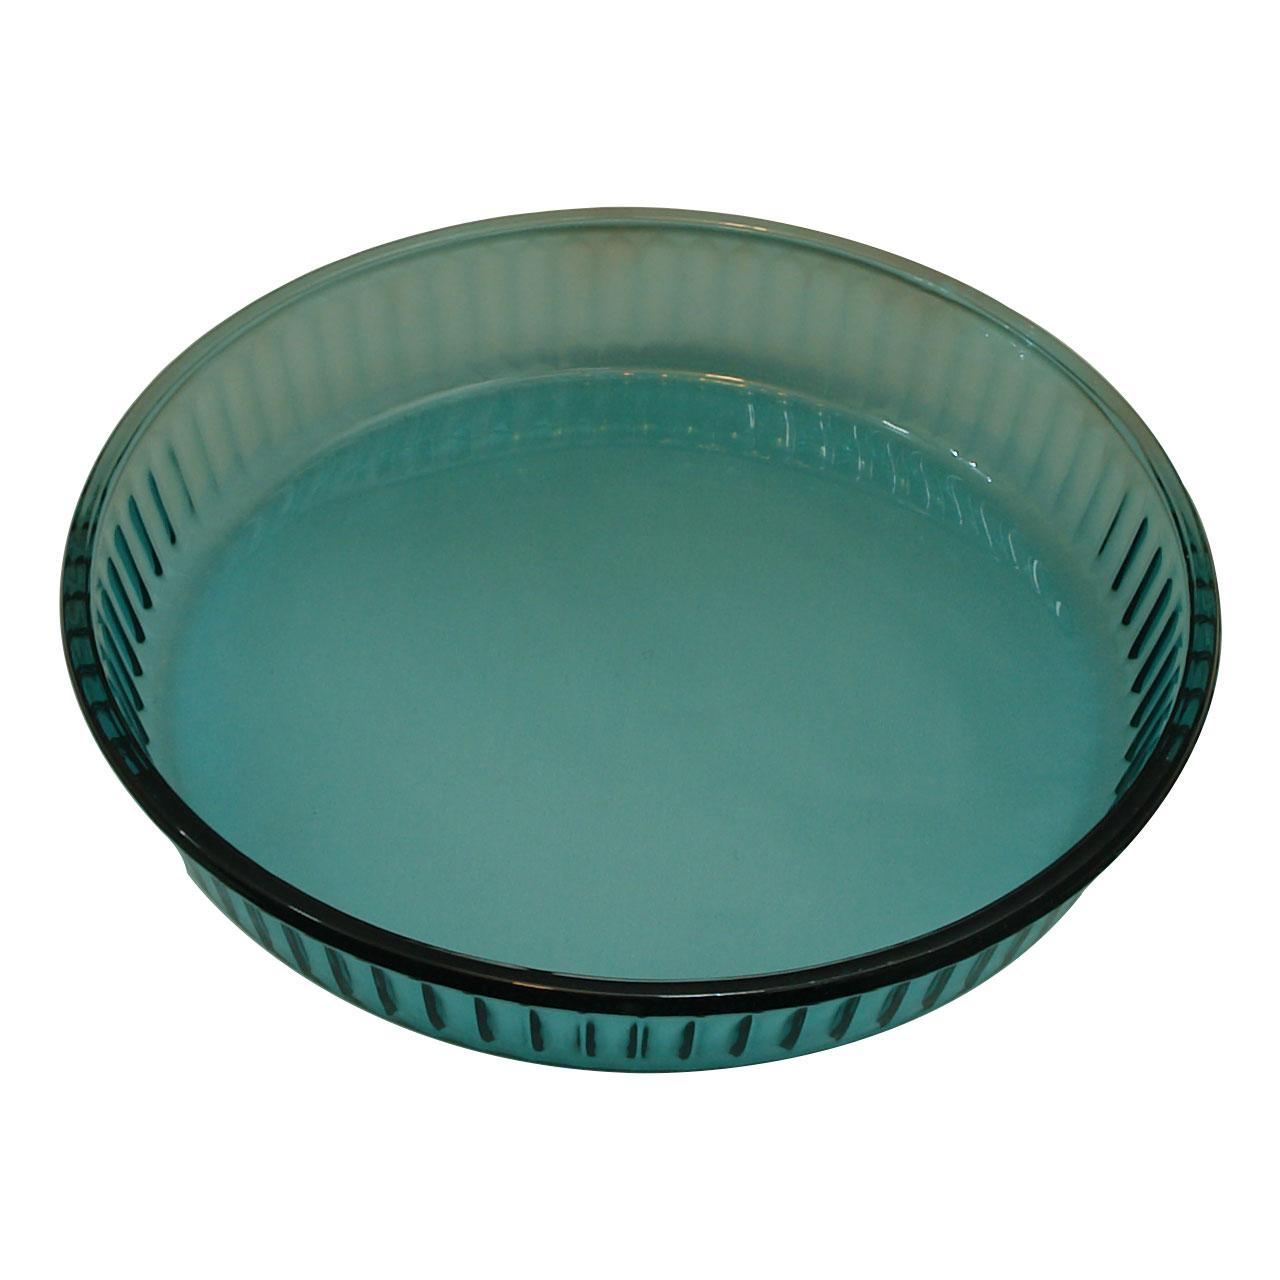 ظرف پخت پاشاباغچه مدل Borcam کد 59044